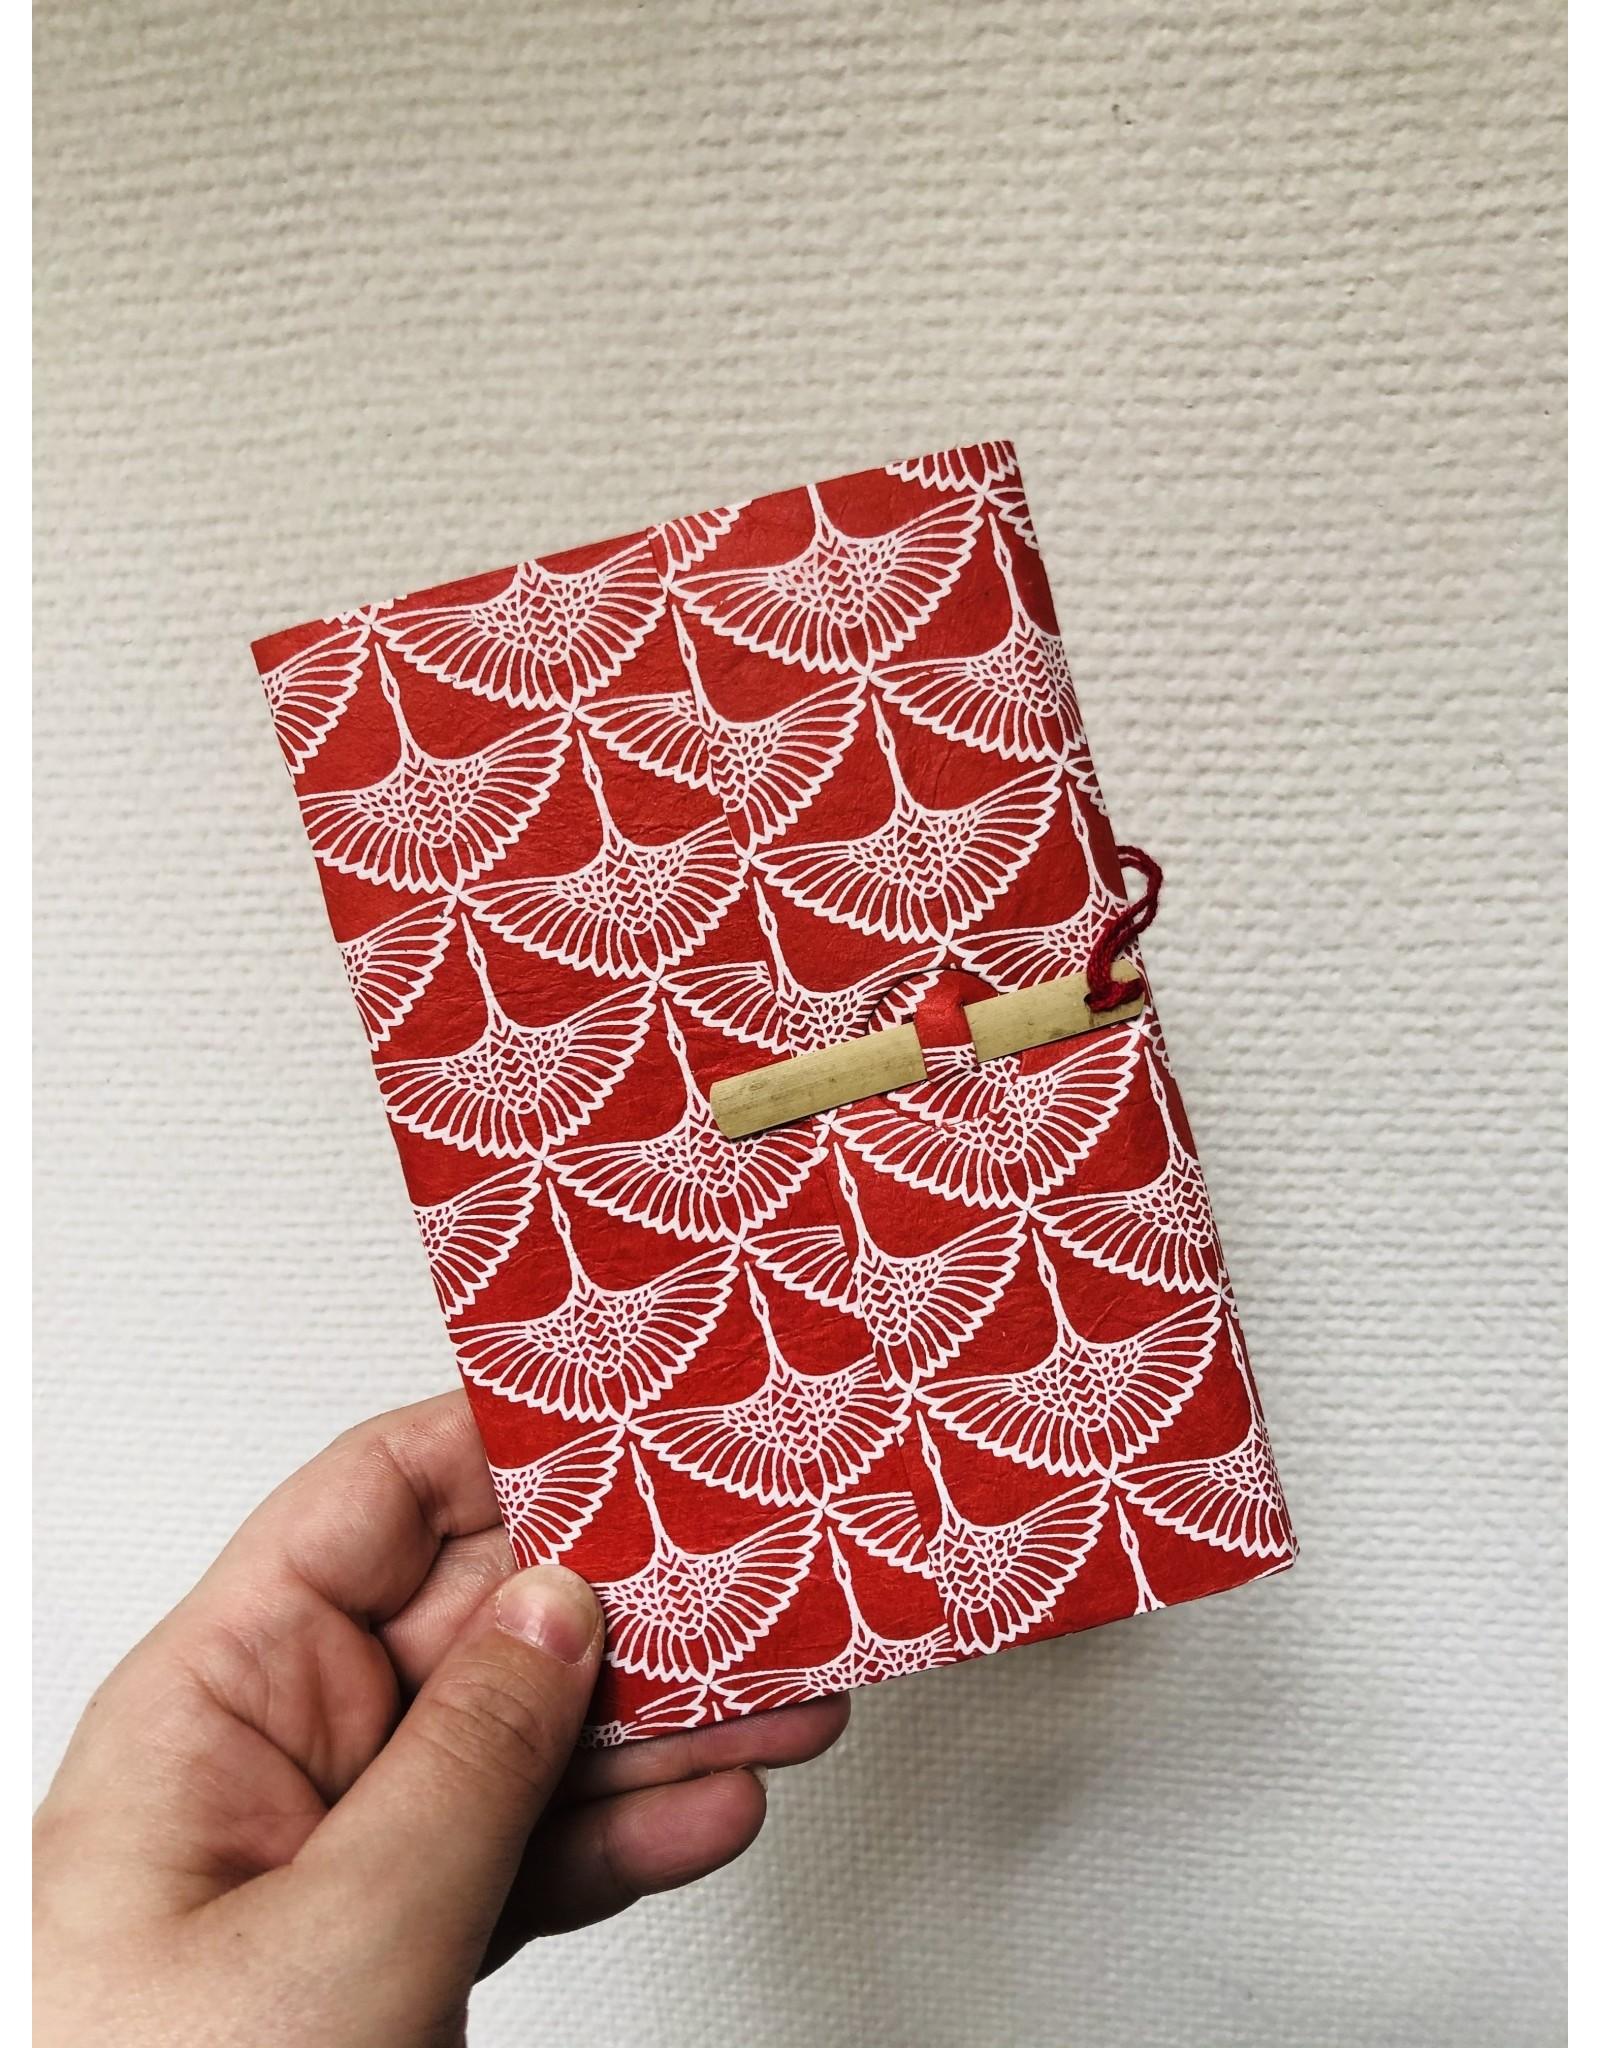 Lamali Boekje Escapade - Roos Kraanvogel Patroon - Zachte papieren kaft  - 20 ivoren pagina's - Handgemaakt 100% katoenpapier - 10  x 15,5 cm